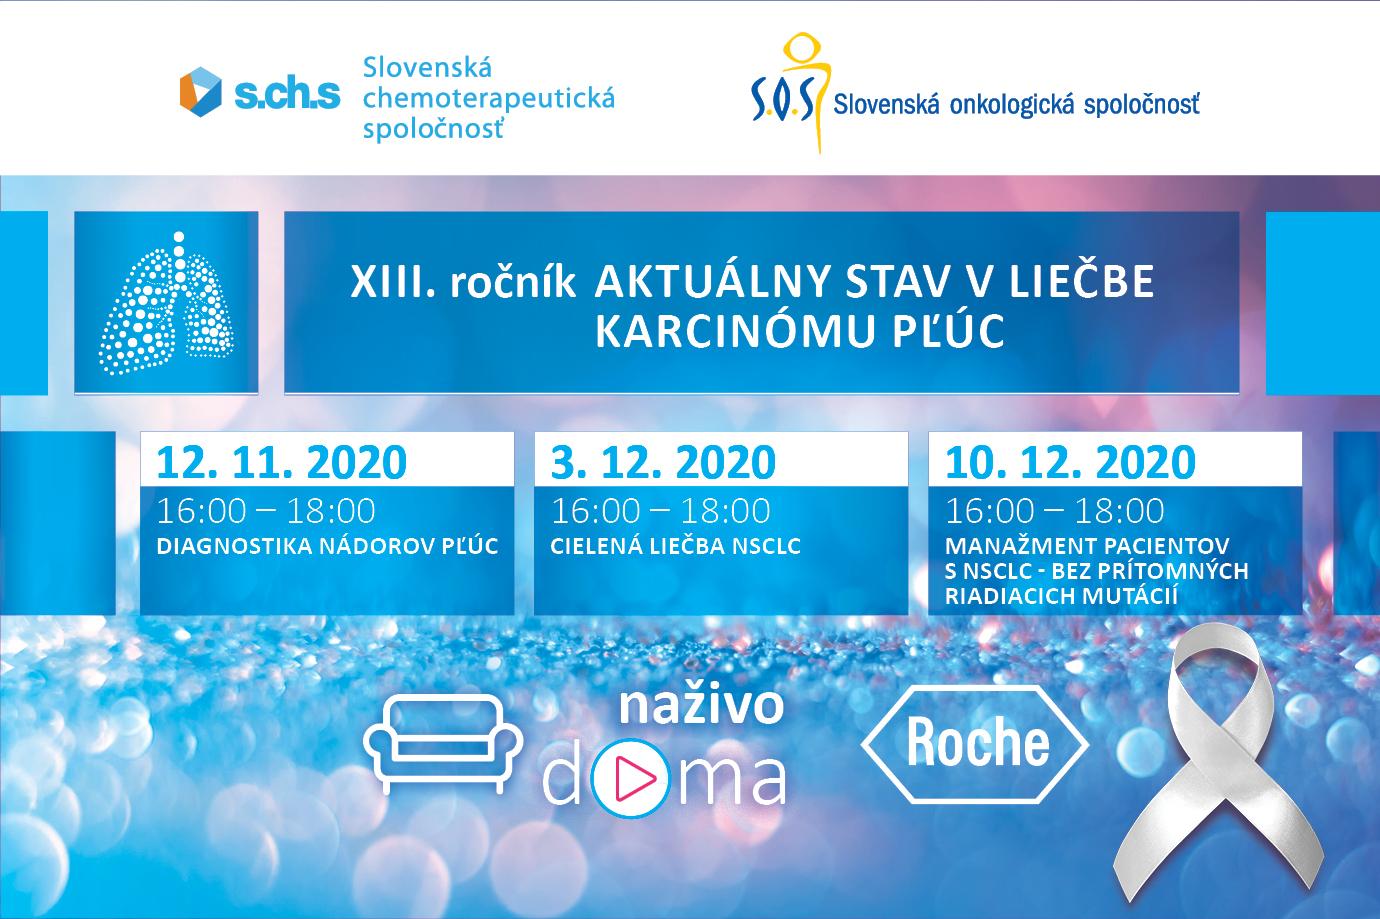 XIII. ročník Aktuálny stav v liečbe karcinómu pľúc 12.11.2020